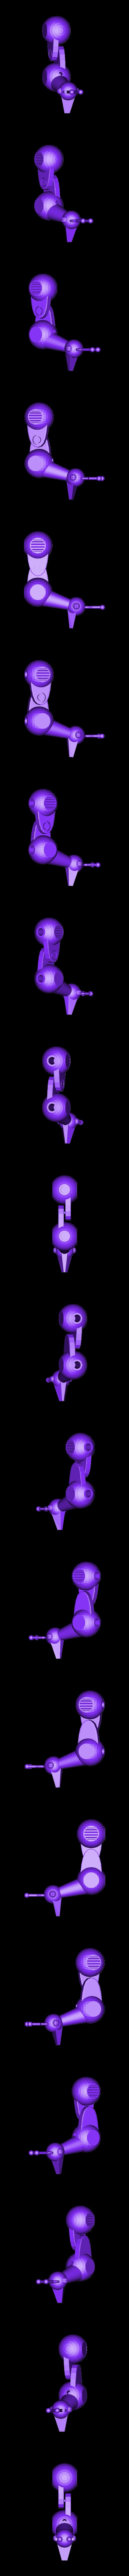 Body.stl Télécharger fichier STL gratuit Cerf robot contrôlé par les doigts • Objet pour impression 3D, Janis_Bruchwalski